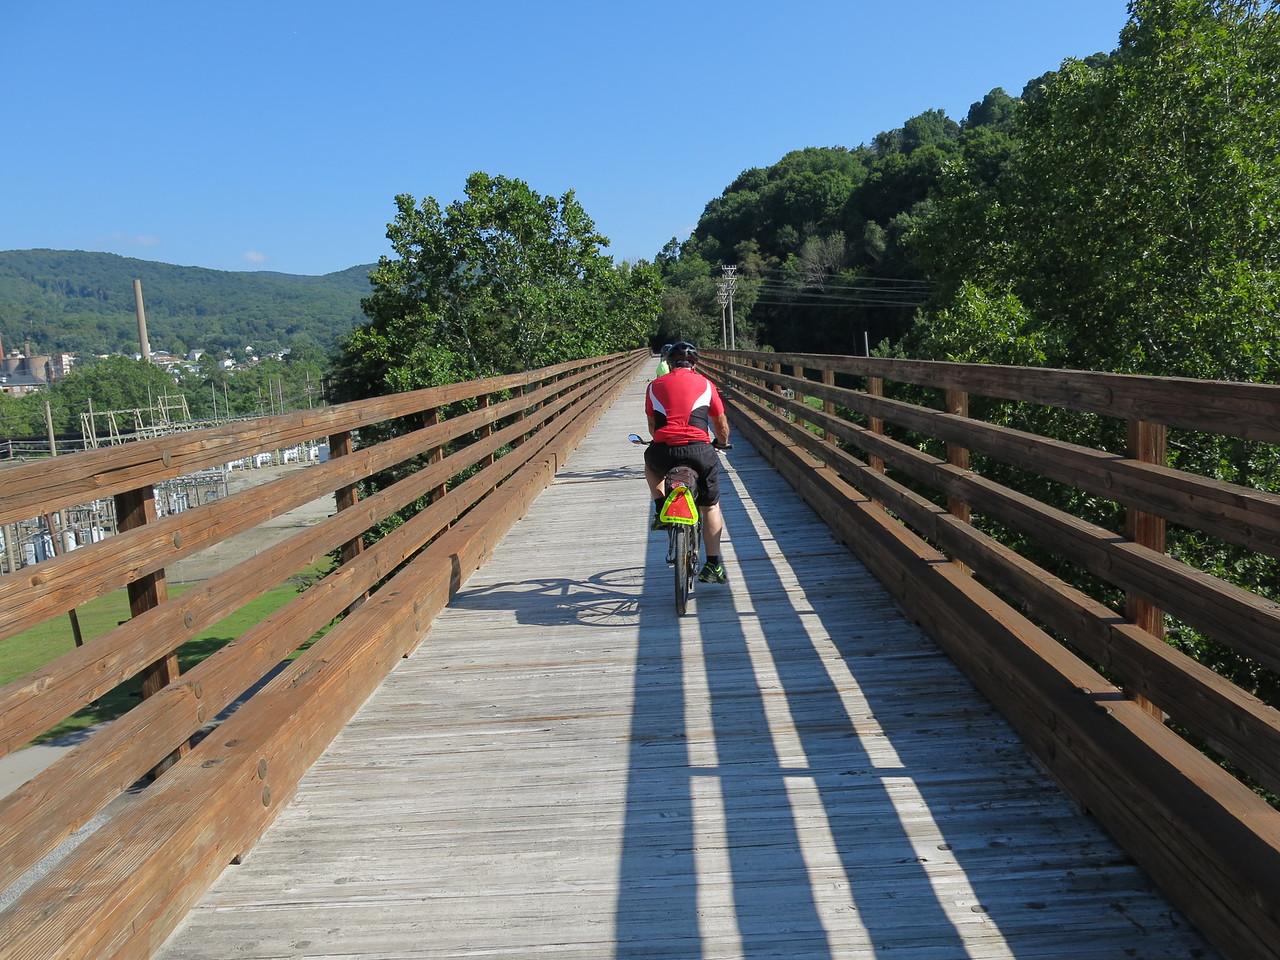 Bridge 252.6